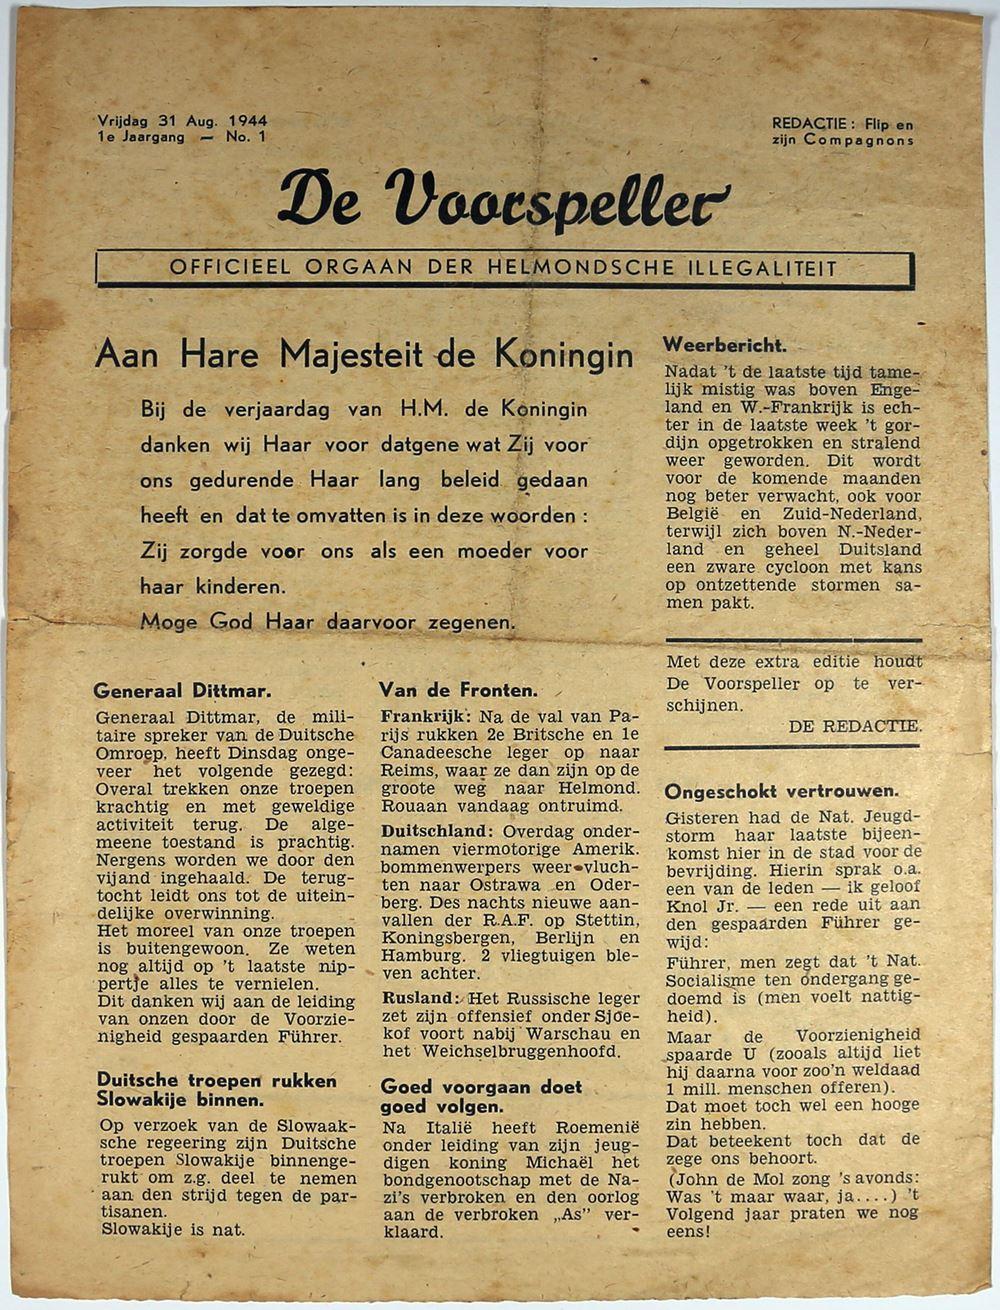 De Voorspeller - Officieel orgaan der Helmondsche illegaliteit